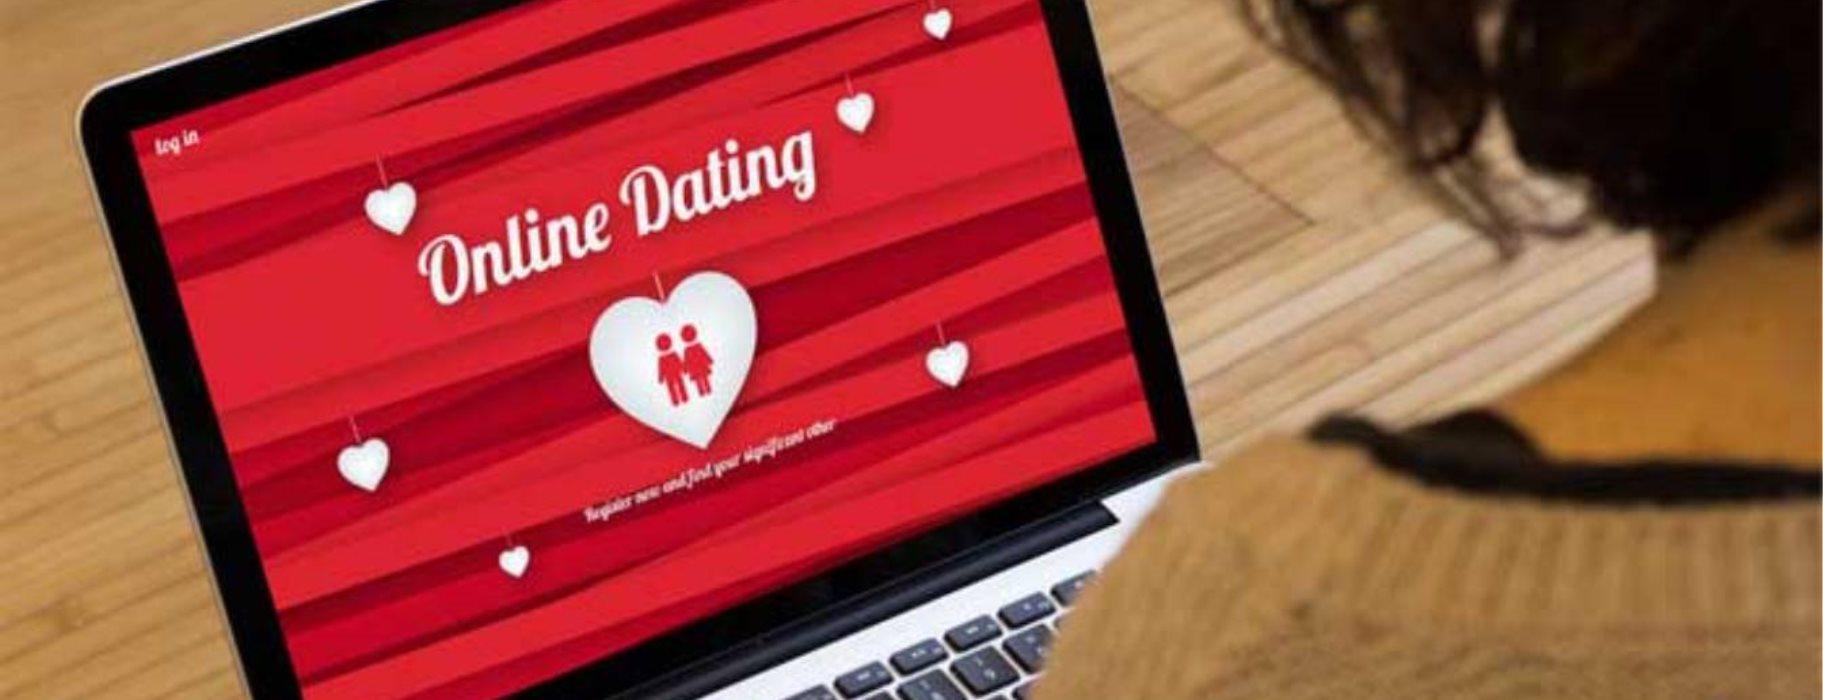 ομάδας για τη Γουίνιπεγκ ταχύτητα dating